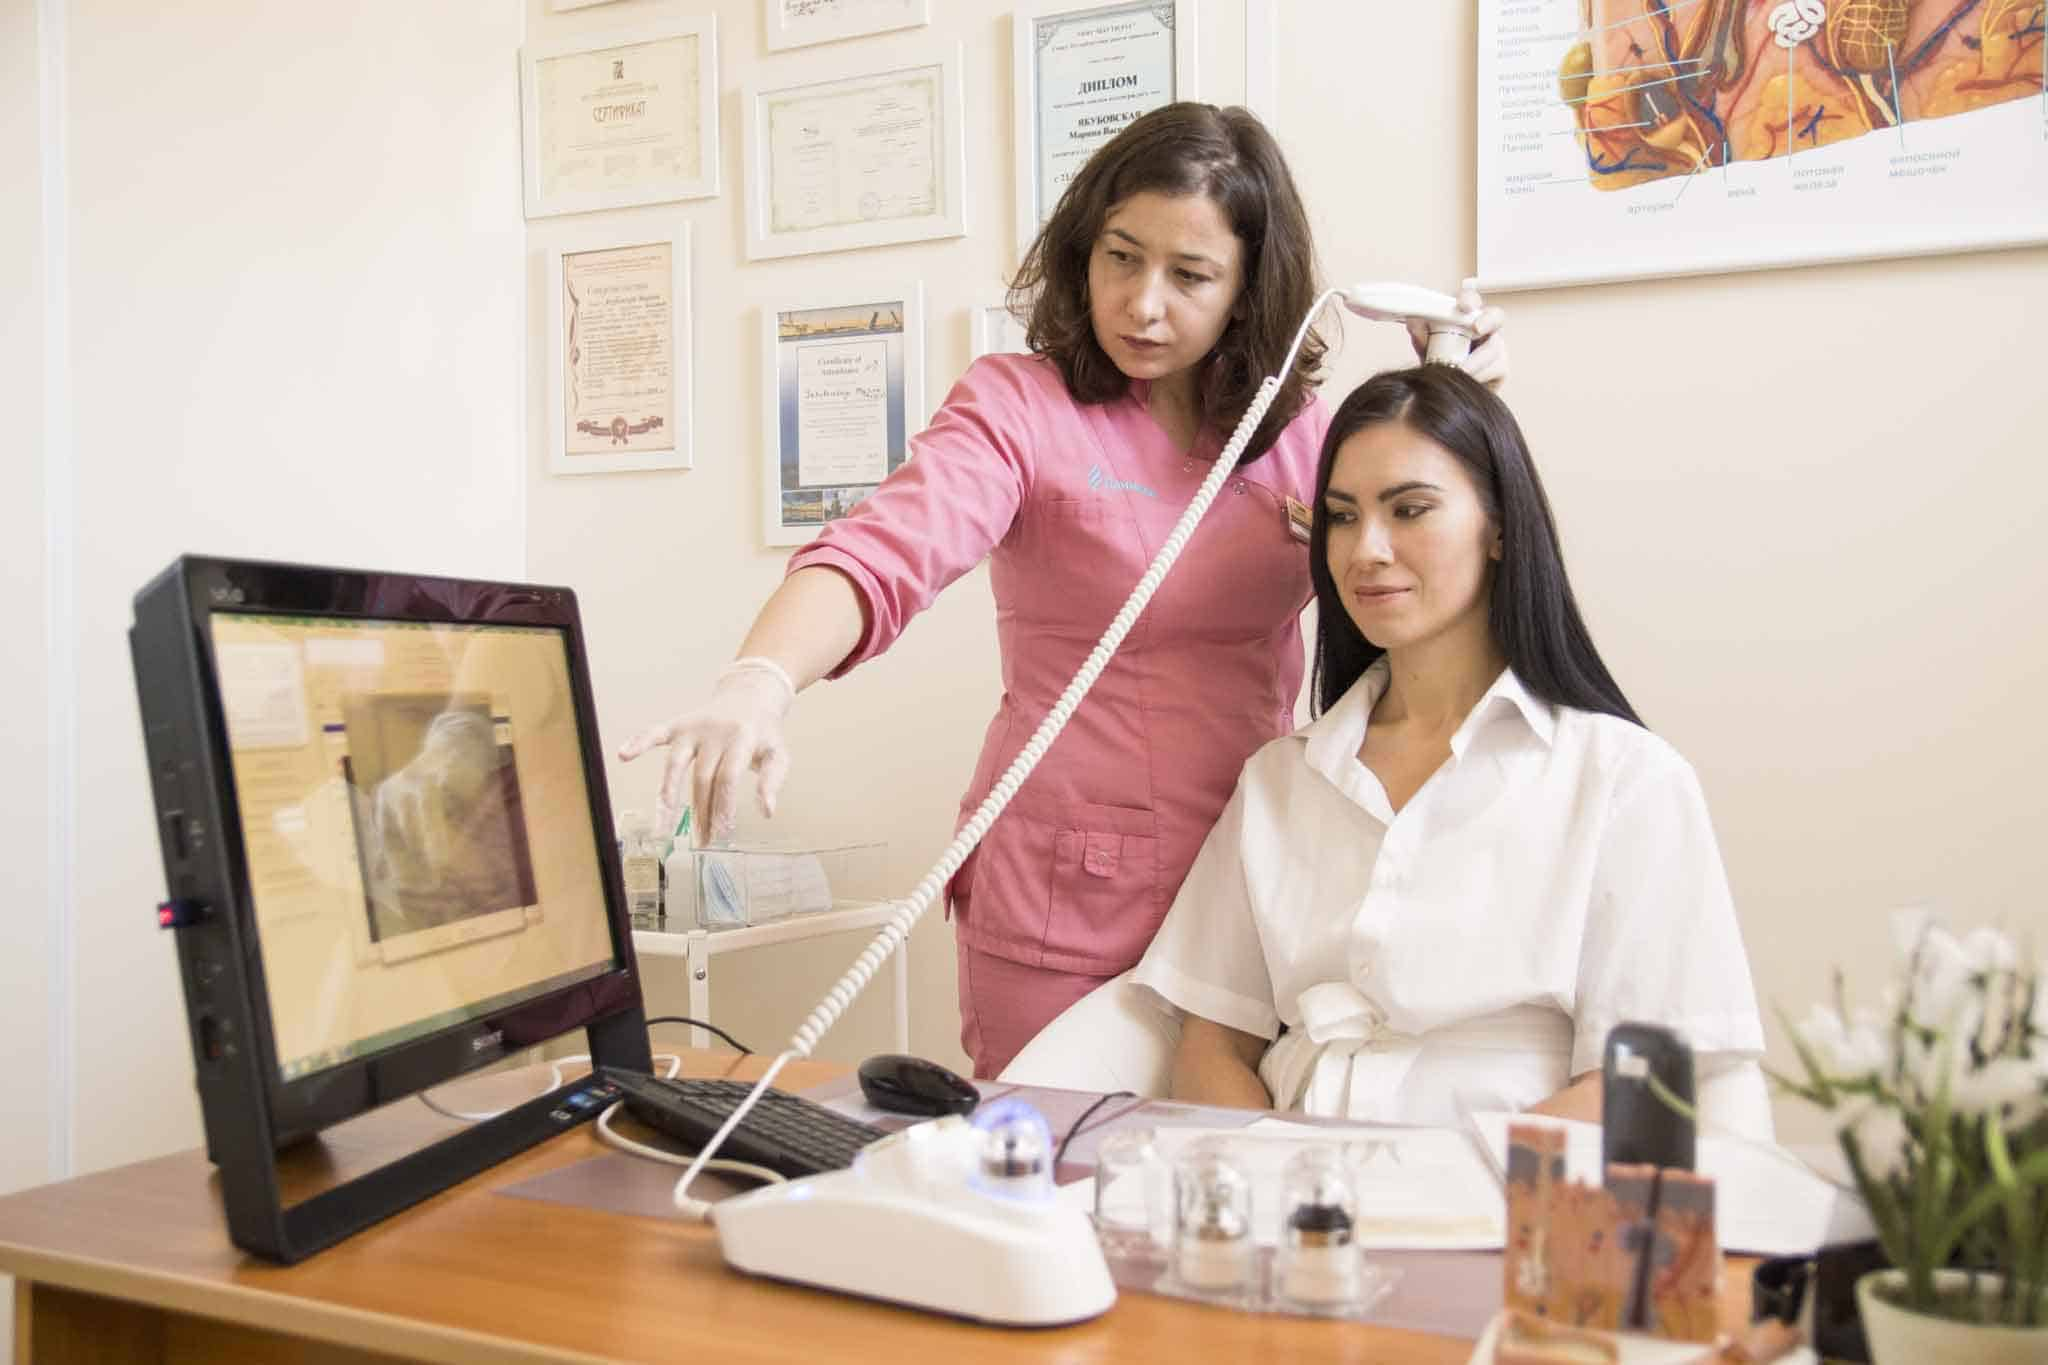 Сделать спектральный анализ волос в медицинском центре Данимед